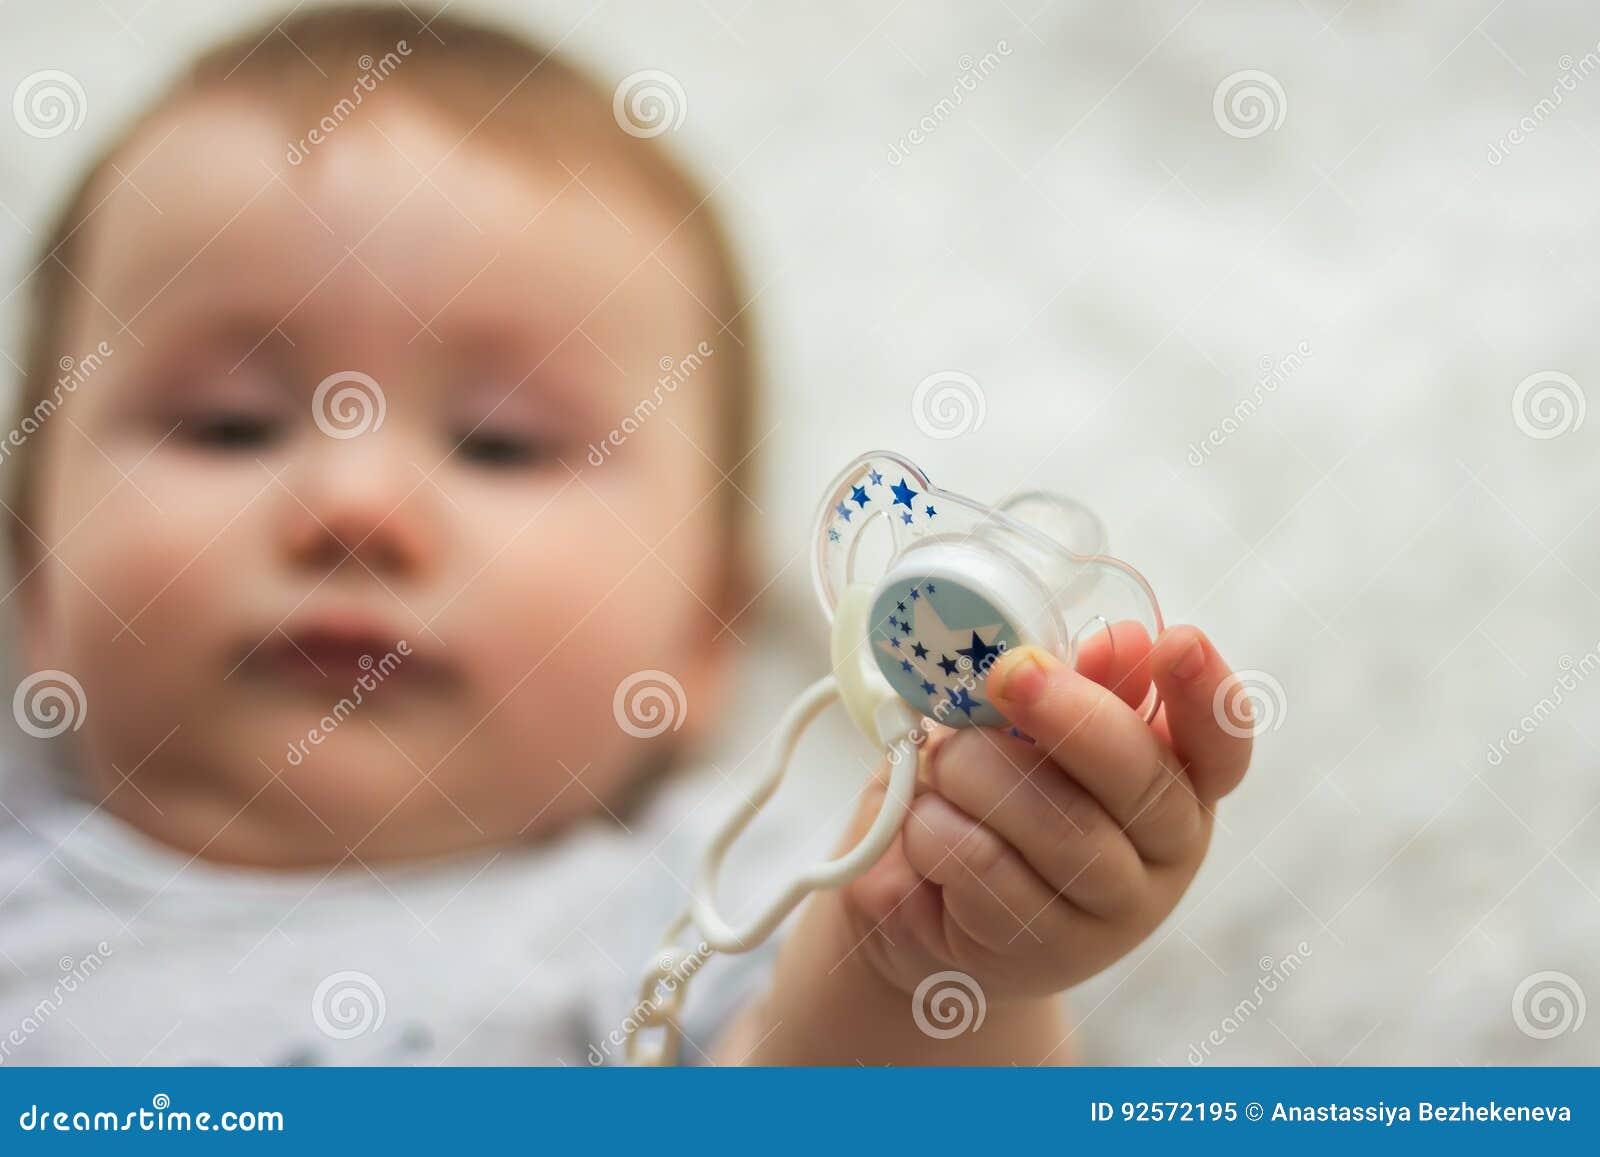 Il bambino sta tenendo il capezzolo